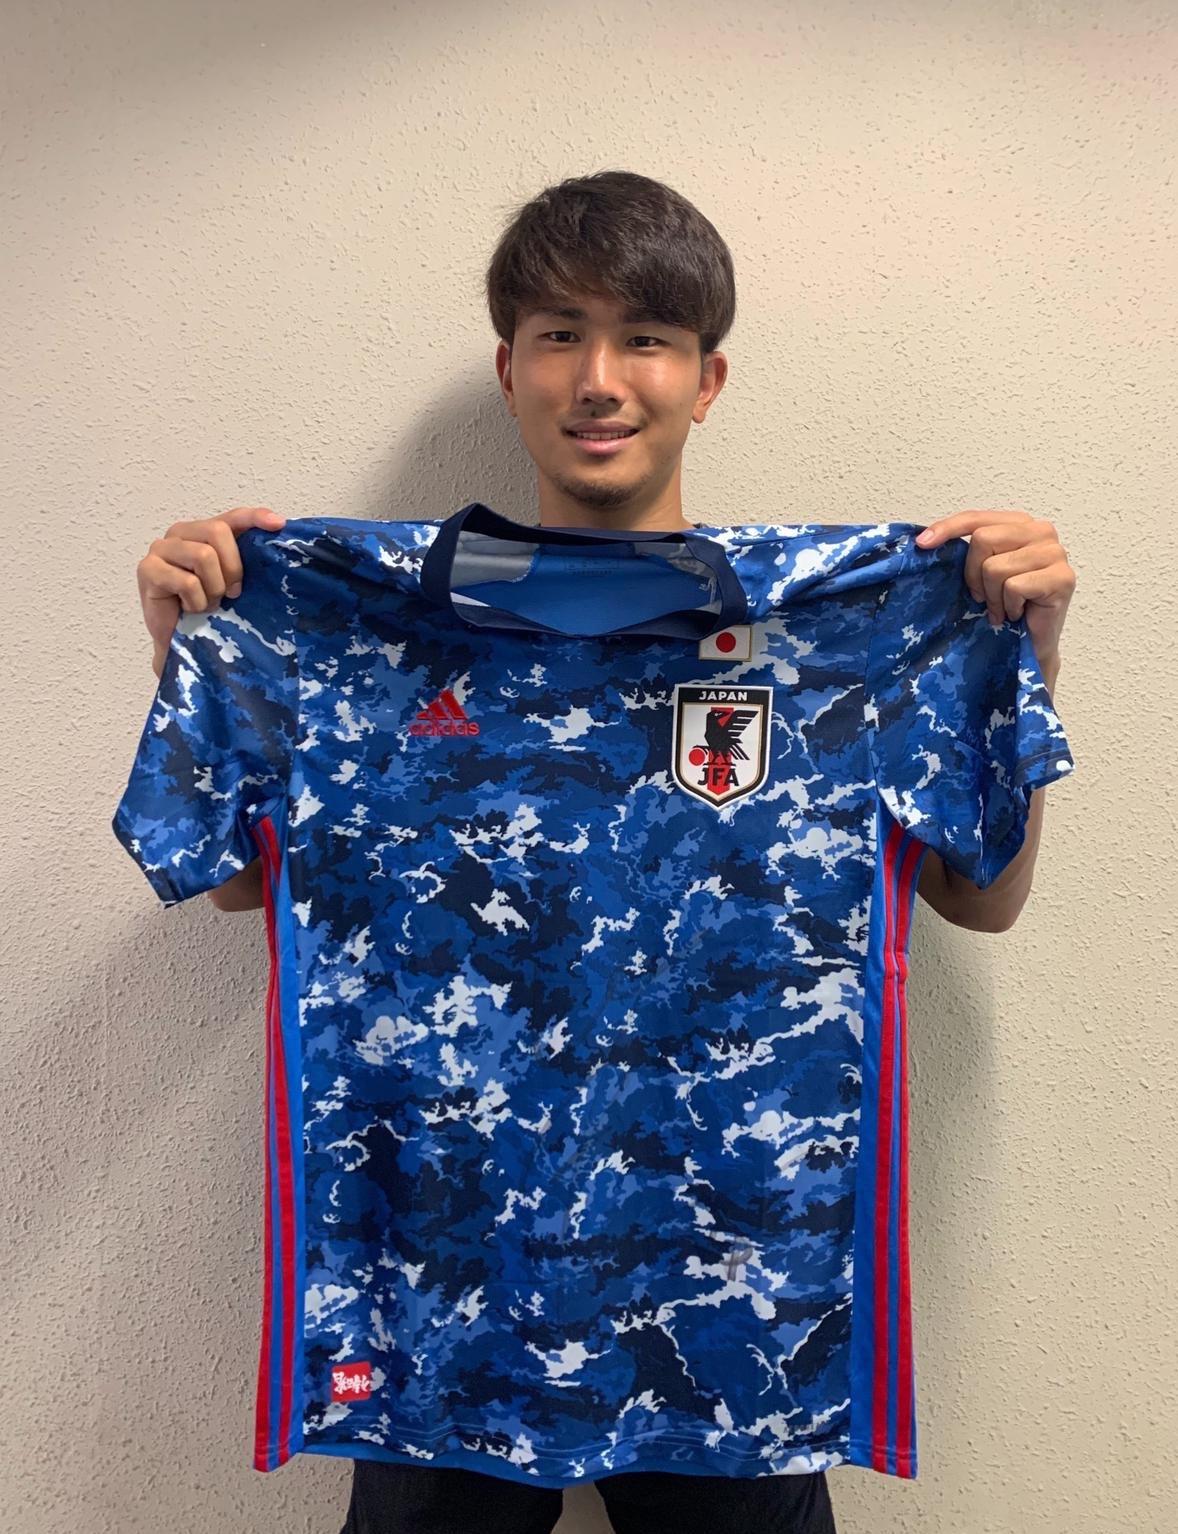 【直筆サイン入り公式】U-23日本代表 渡辺 剛 選手(FC東京)